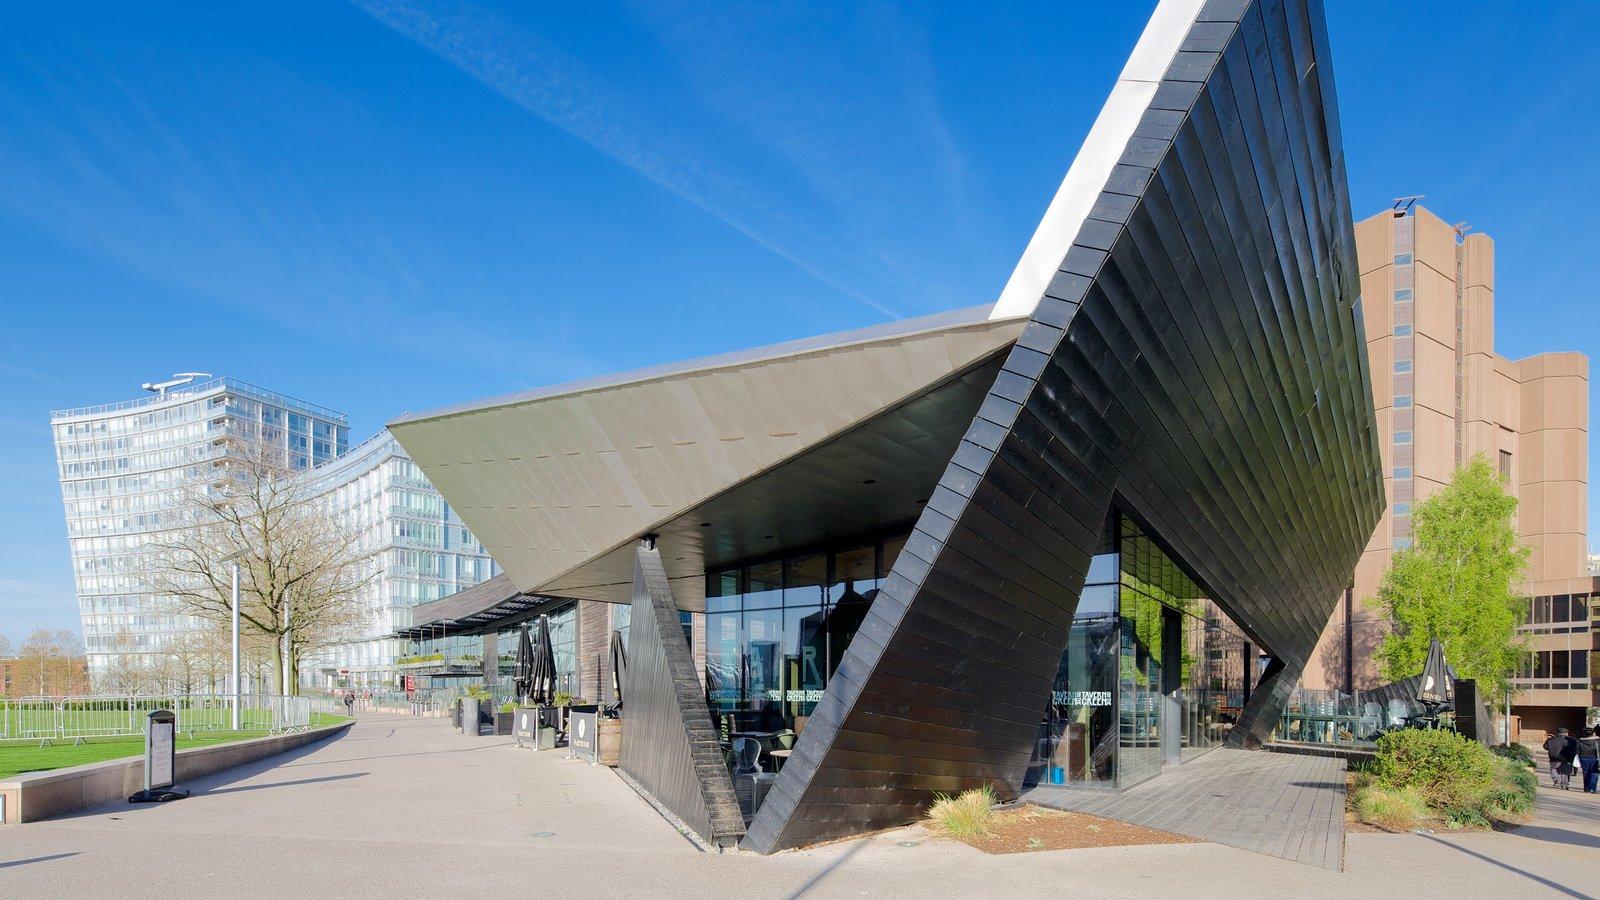 Liverpool ONE ofreciendo arquitectura moderna